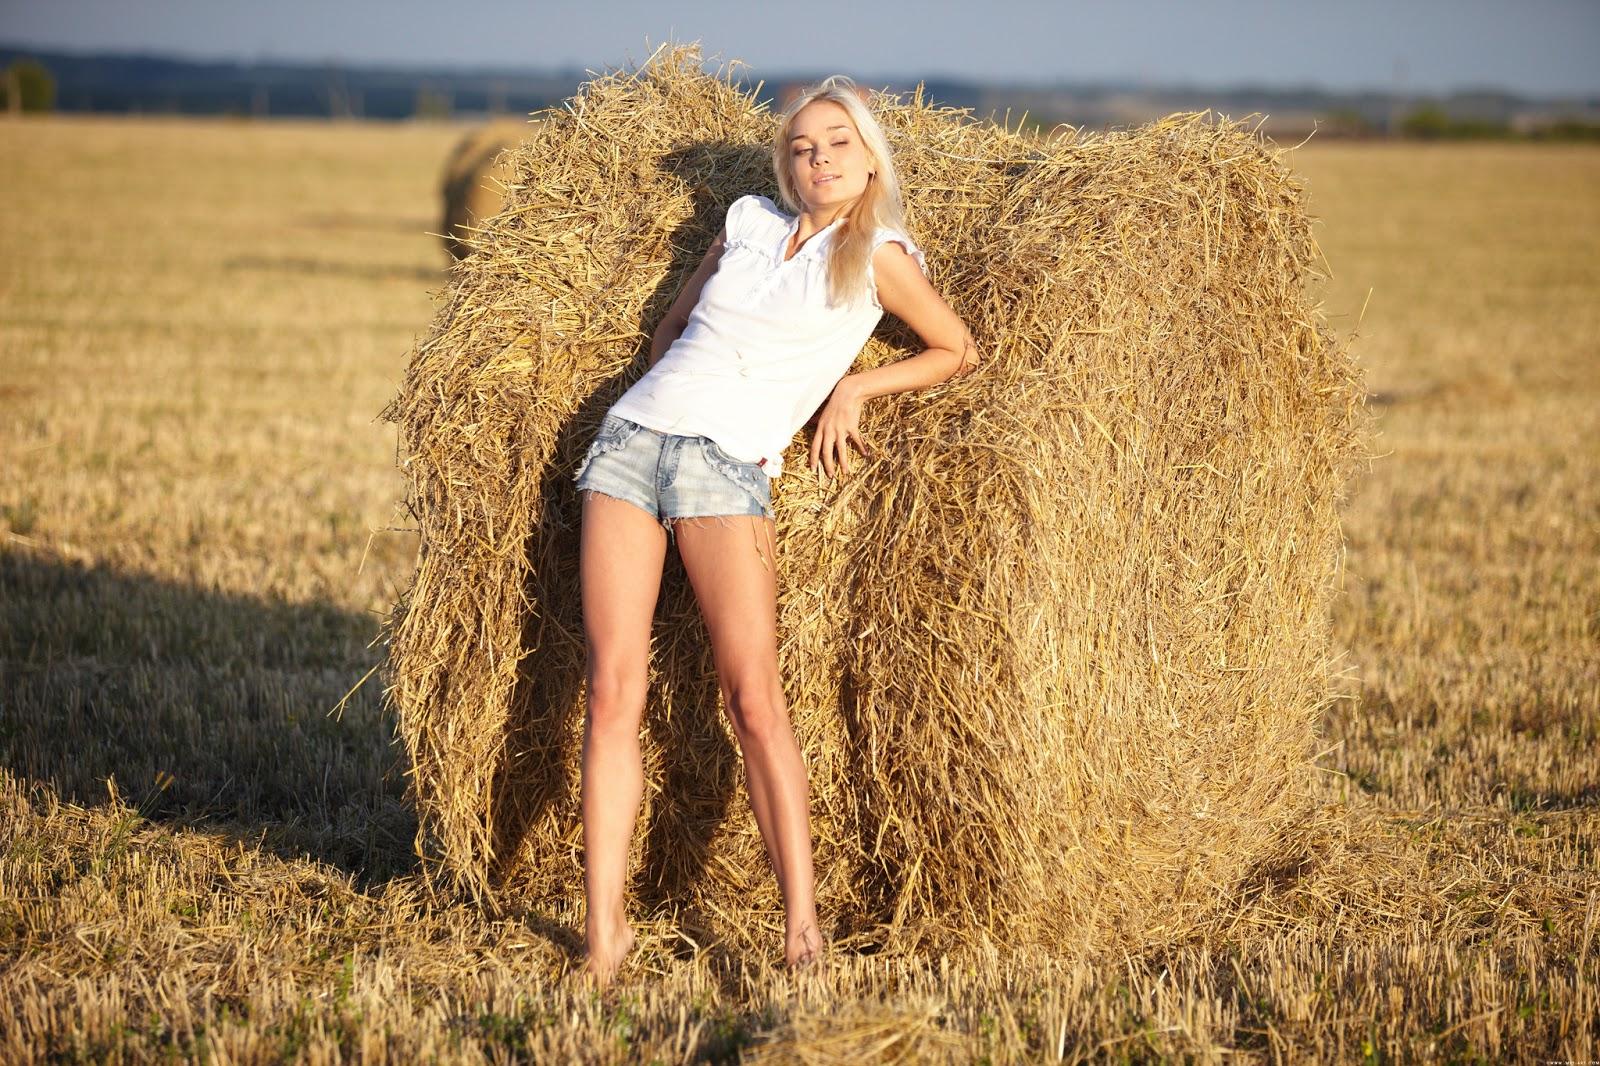 Фермер сеновал грудастая 6 фотография